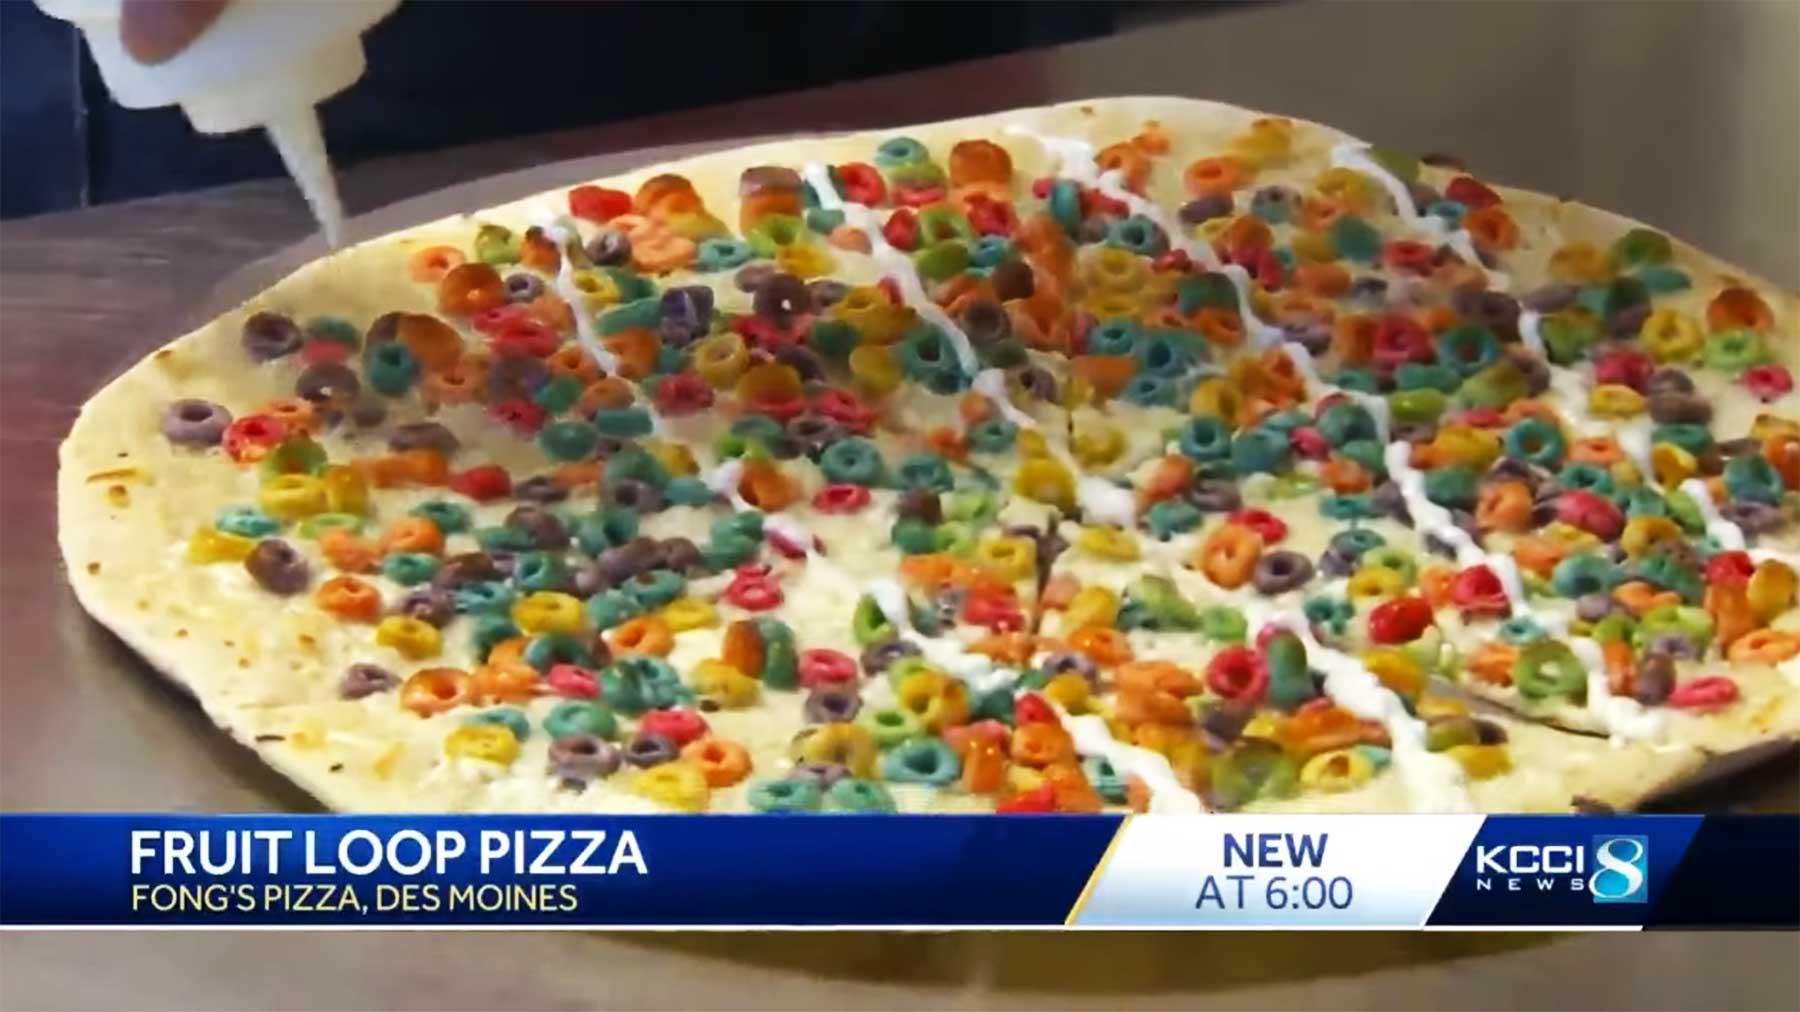 Frühstücks-Pizza mit Froot Loops drauf Fruit-Loops-Pizza